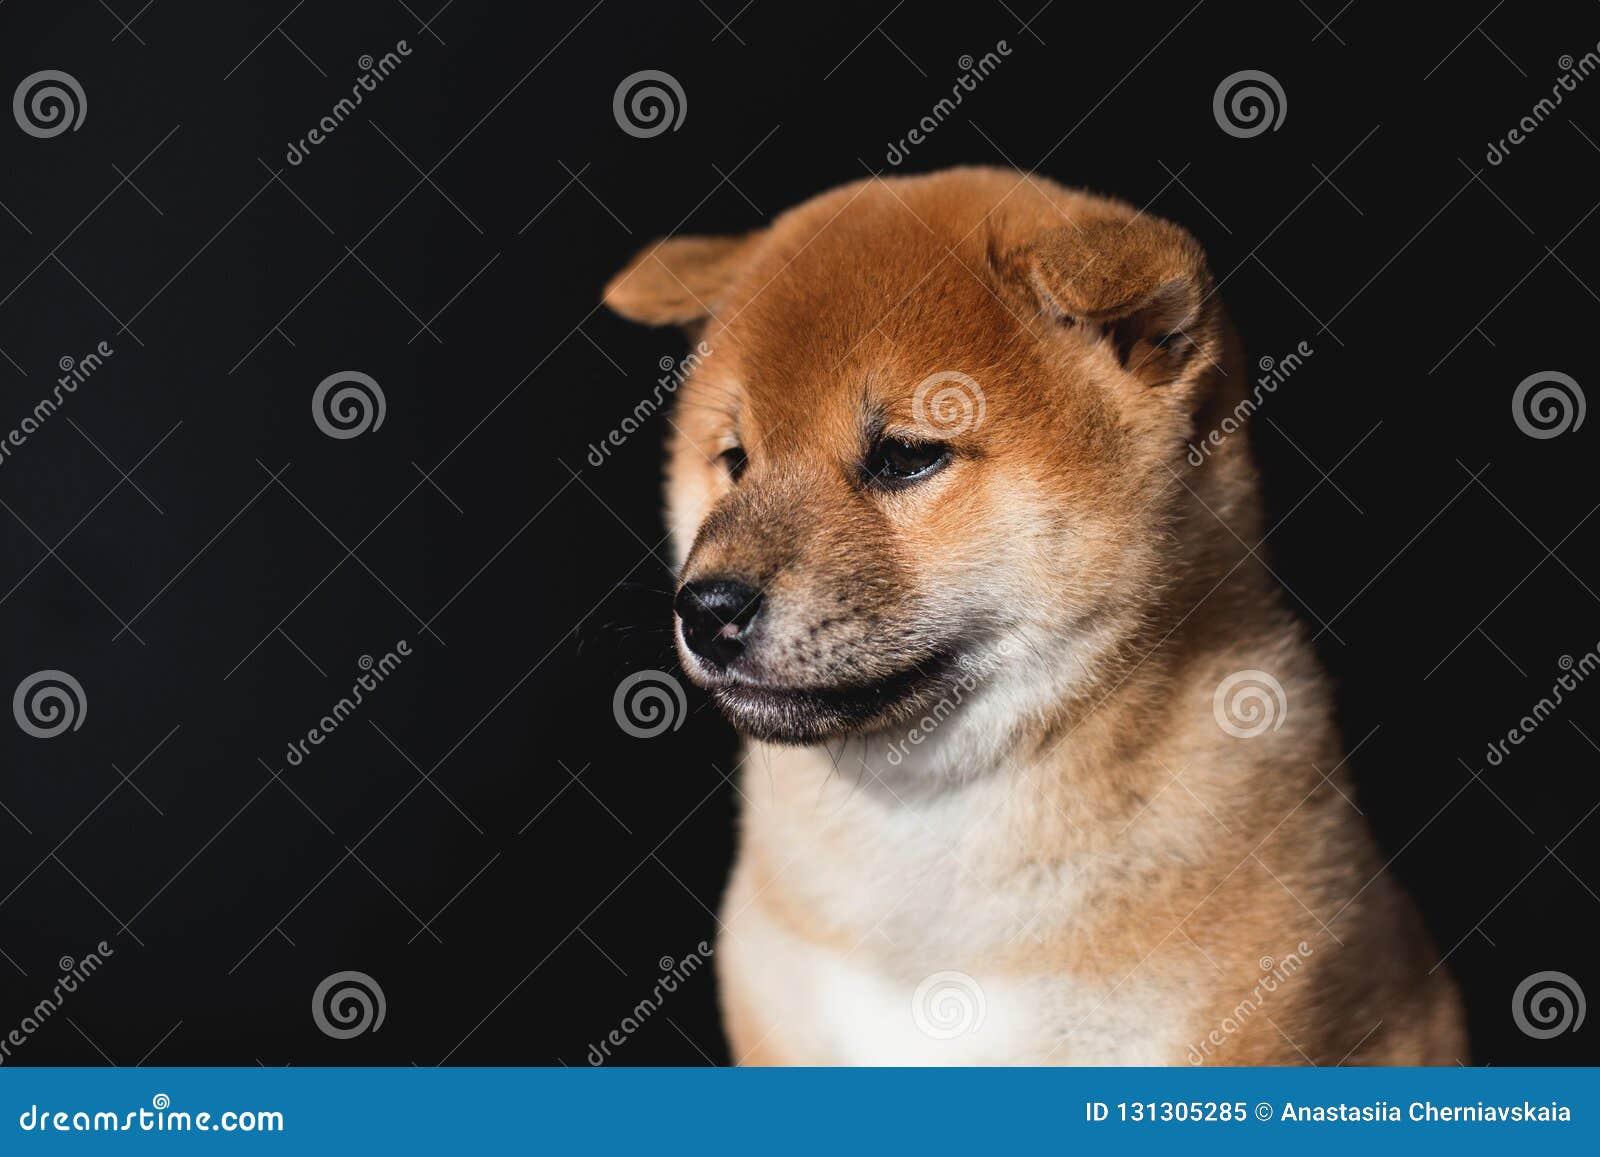 Πορτρέτο σχεδιαγράμματος του καλού κουταβιού σκυλιών Shiba Inu σε ένα σκοτεινό υπόβαθρο